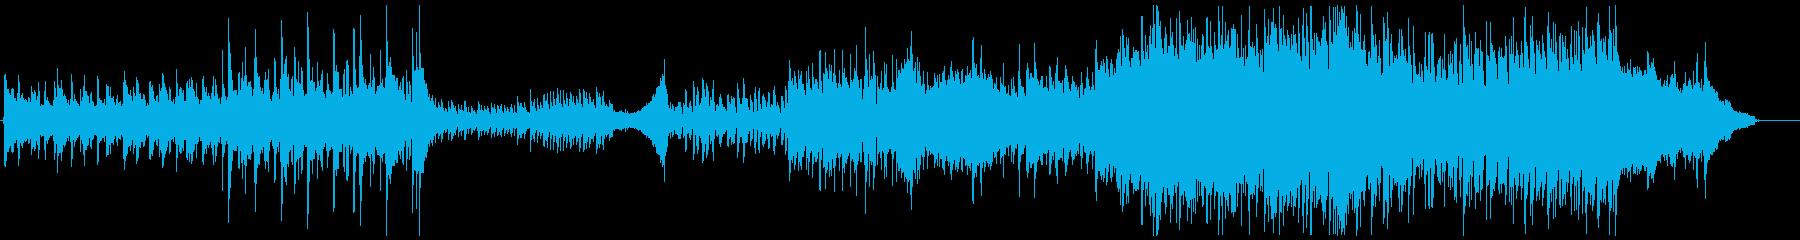 激しめの哀愁漂うトレイラー(琴メロ)の再生済みの波形